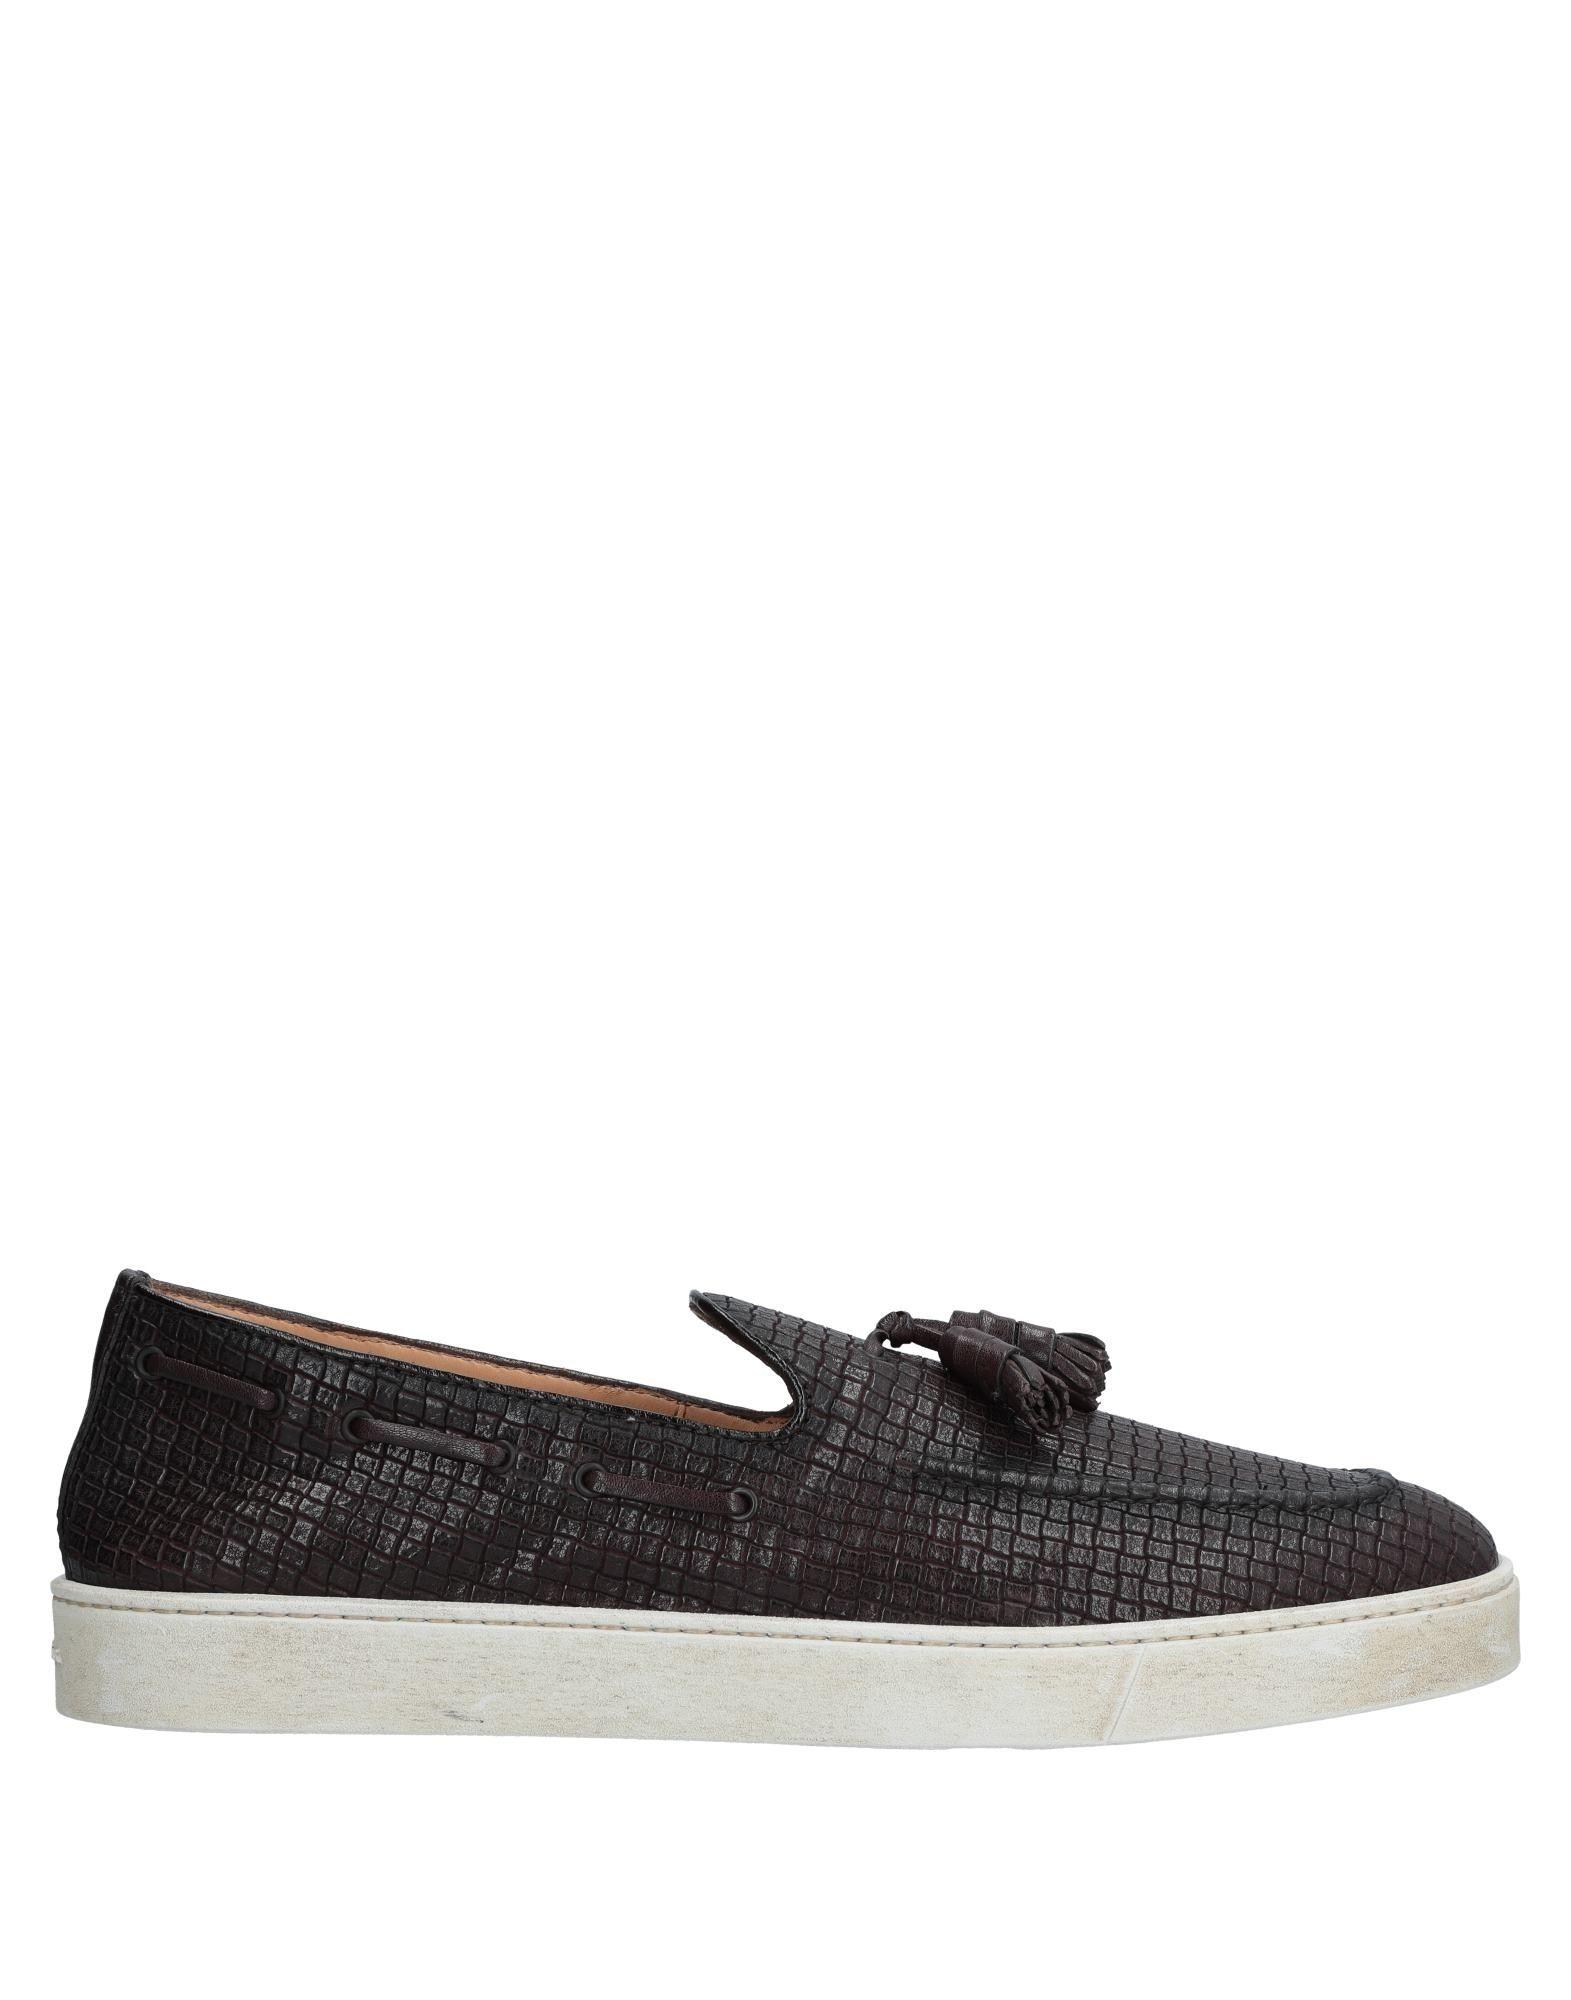 Santoni Sneakers Herren  11183070QB Gute Qualität beliebte Schuhe